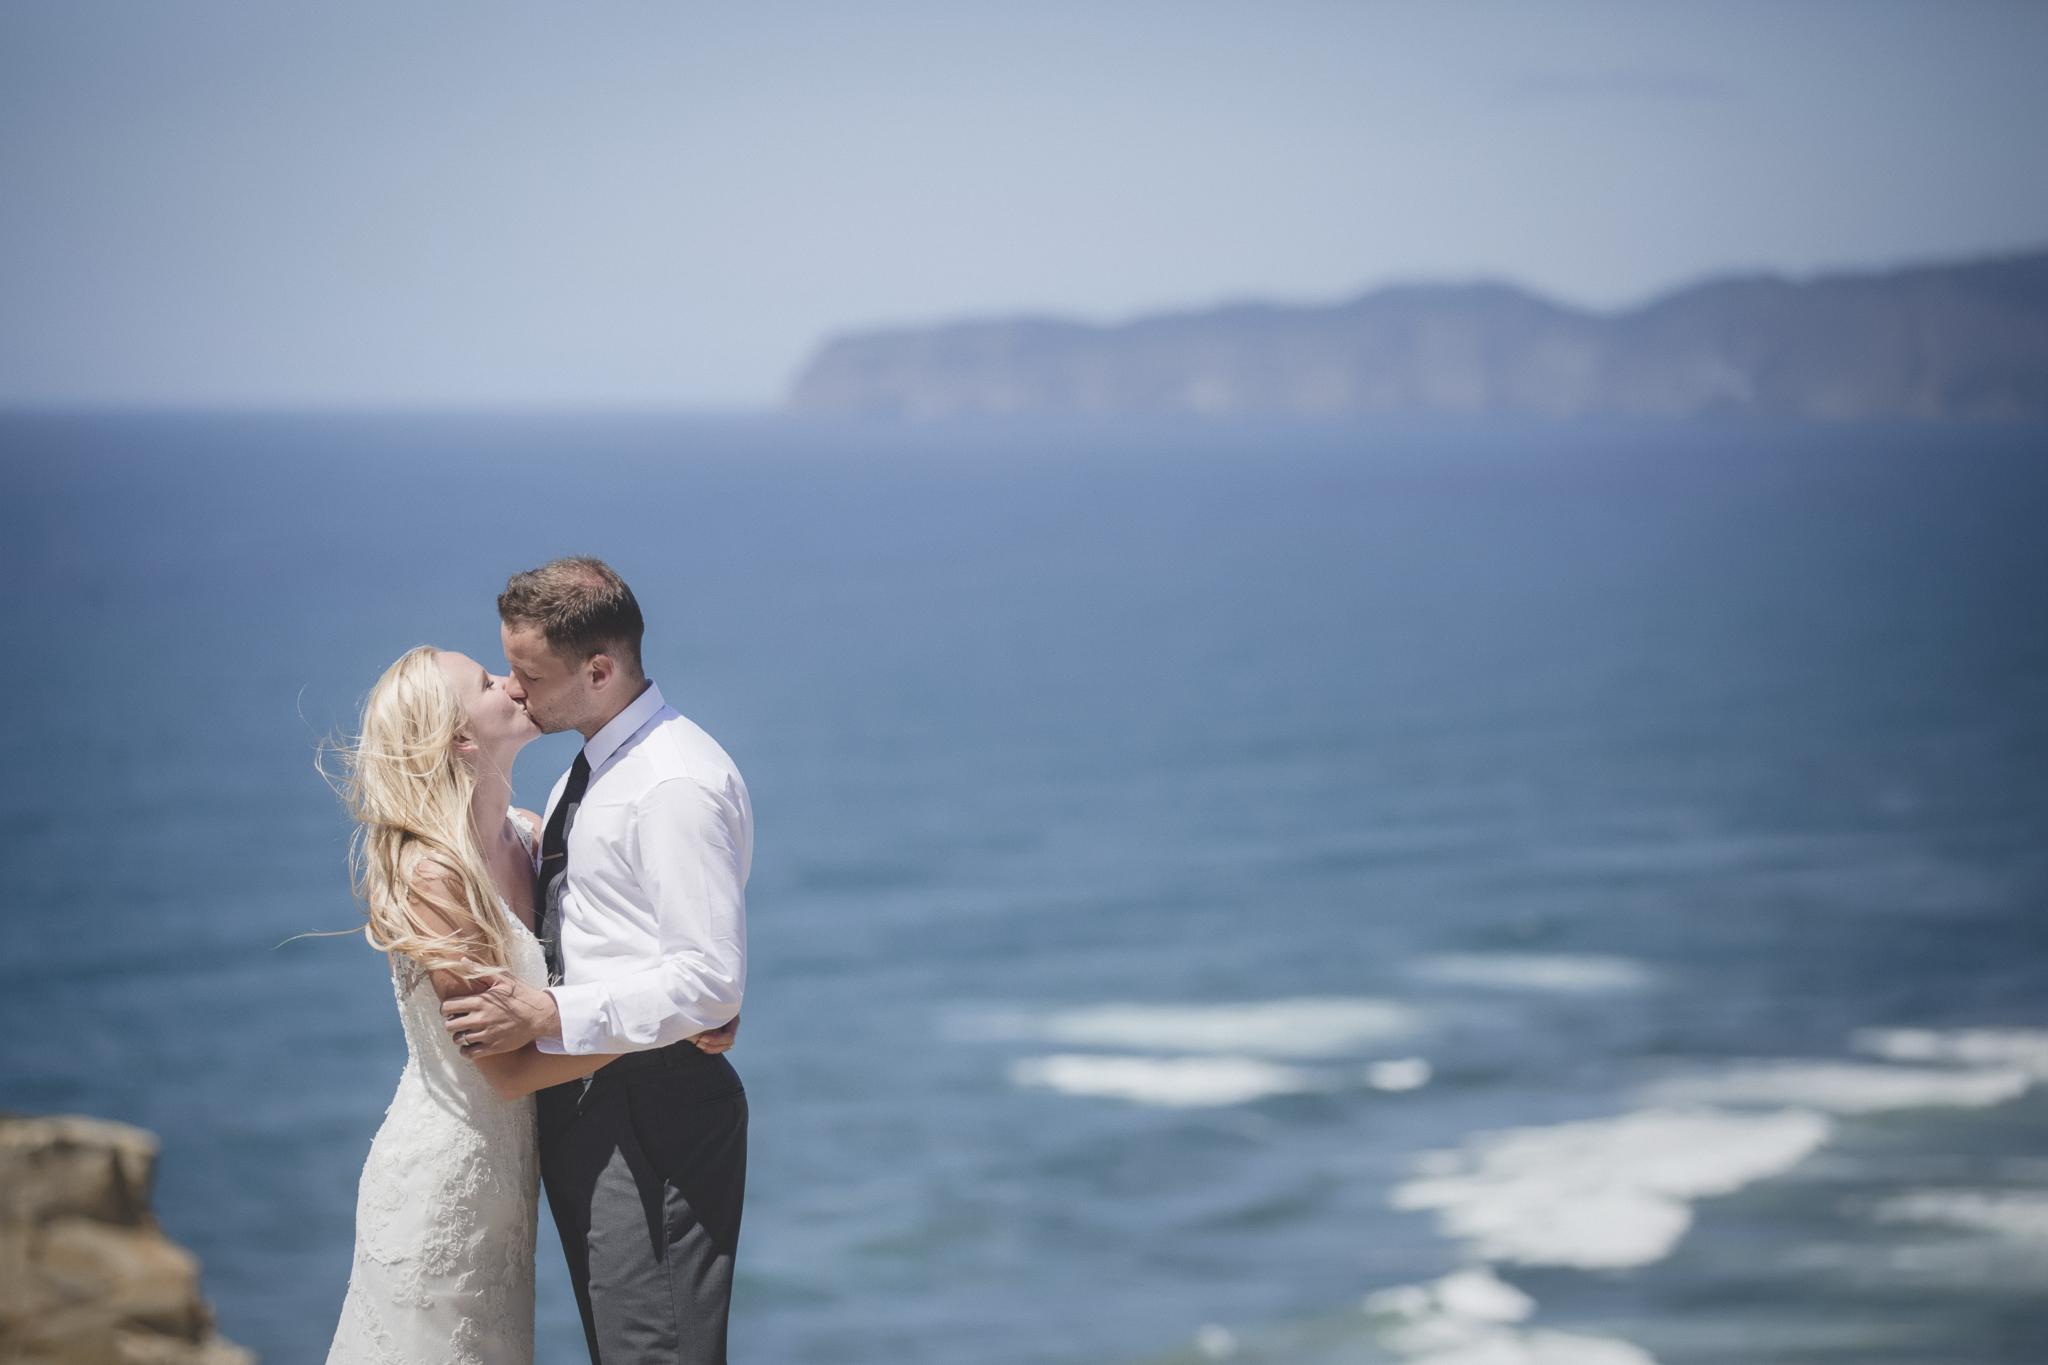 pacific northwest destination wedding photographer-1.jpg